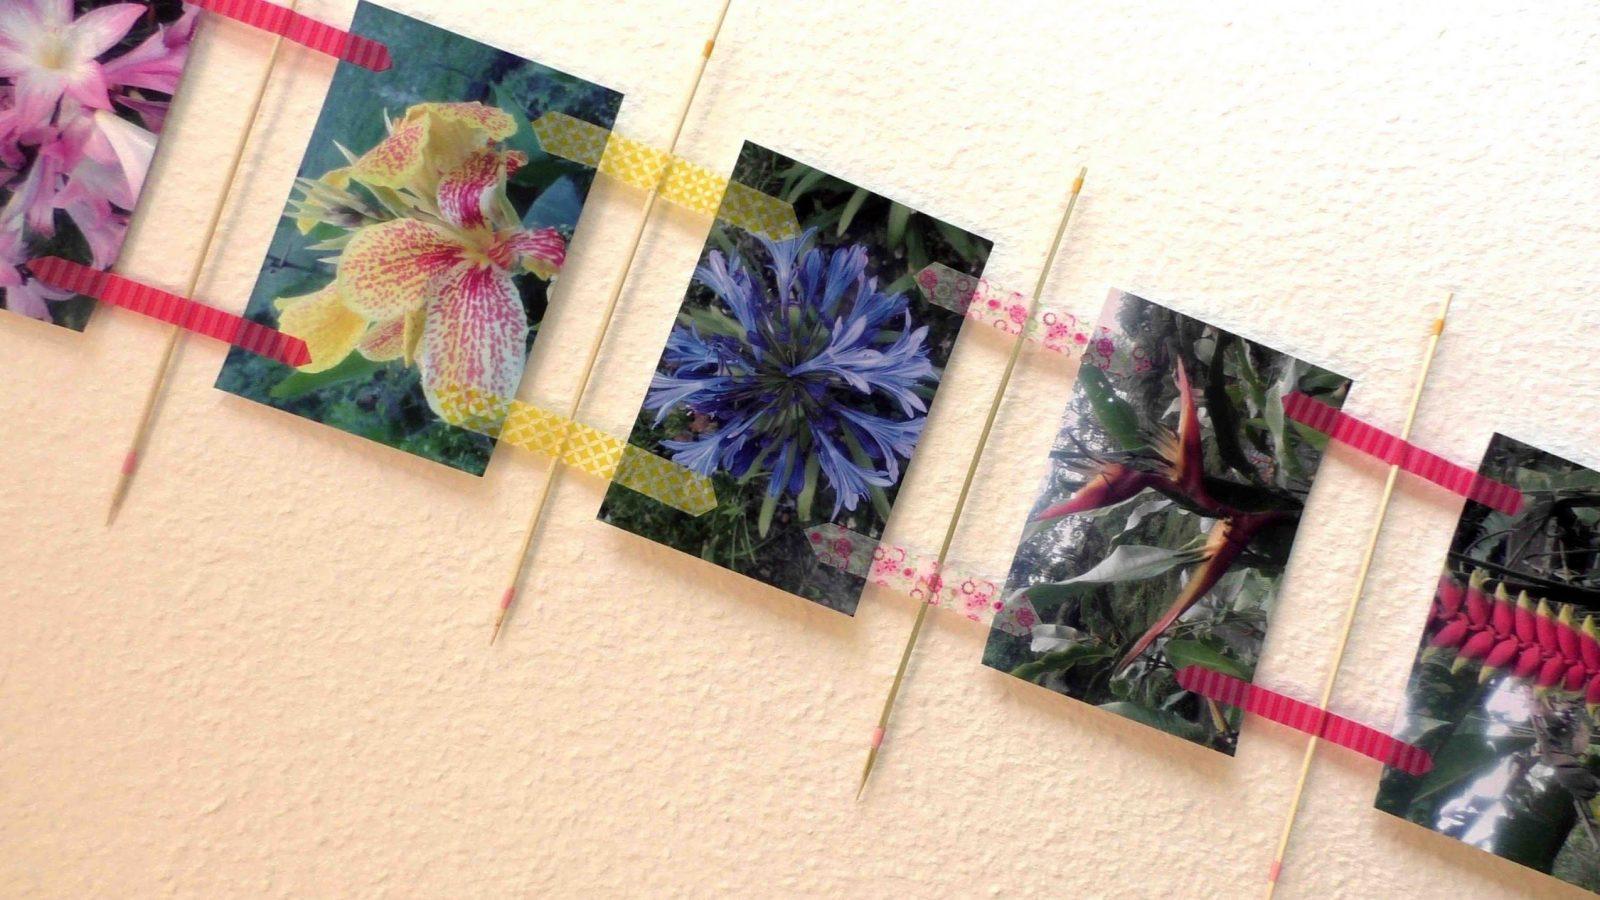 Fotowand Selber Machen Diy Fotowand Mit Fotos Erinnerungen Washi von Collage Auf Leinwand Selber Machen Bild